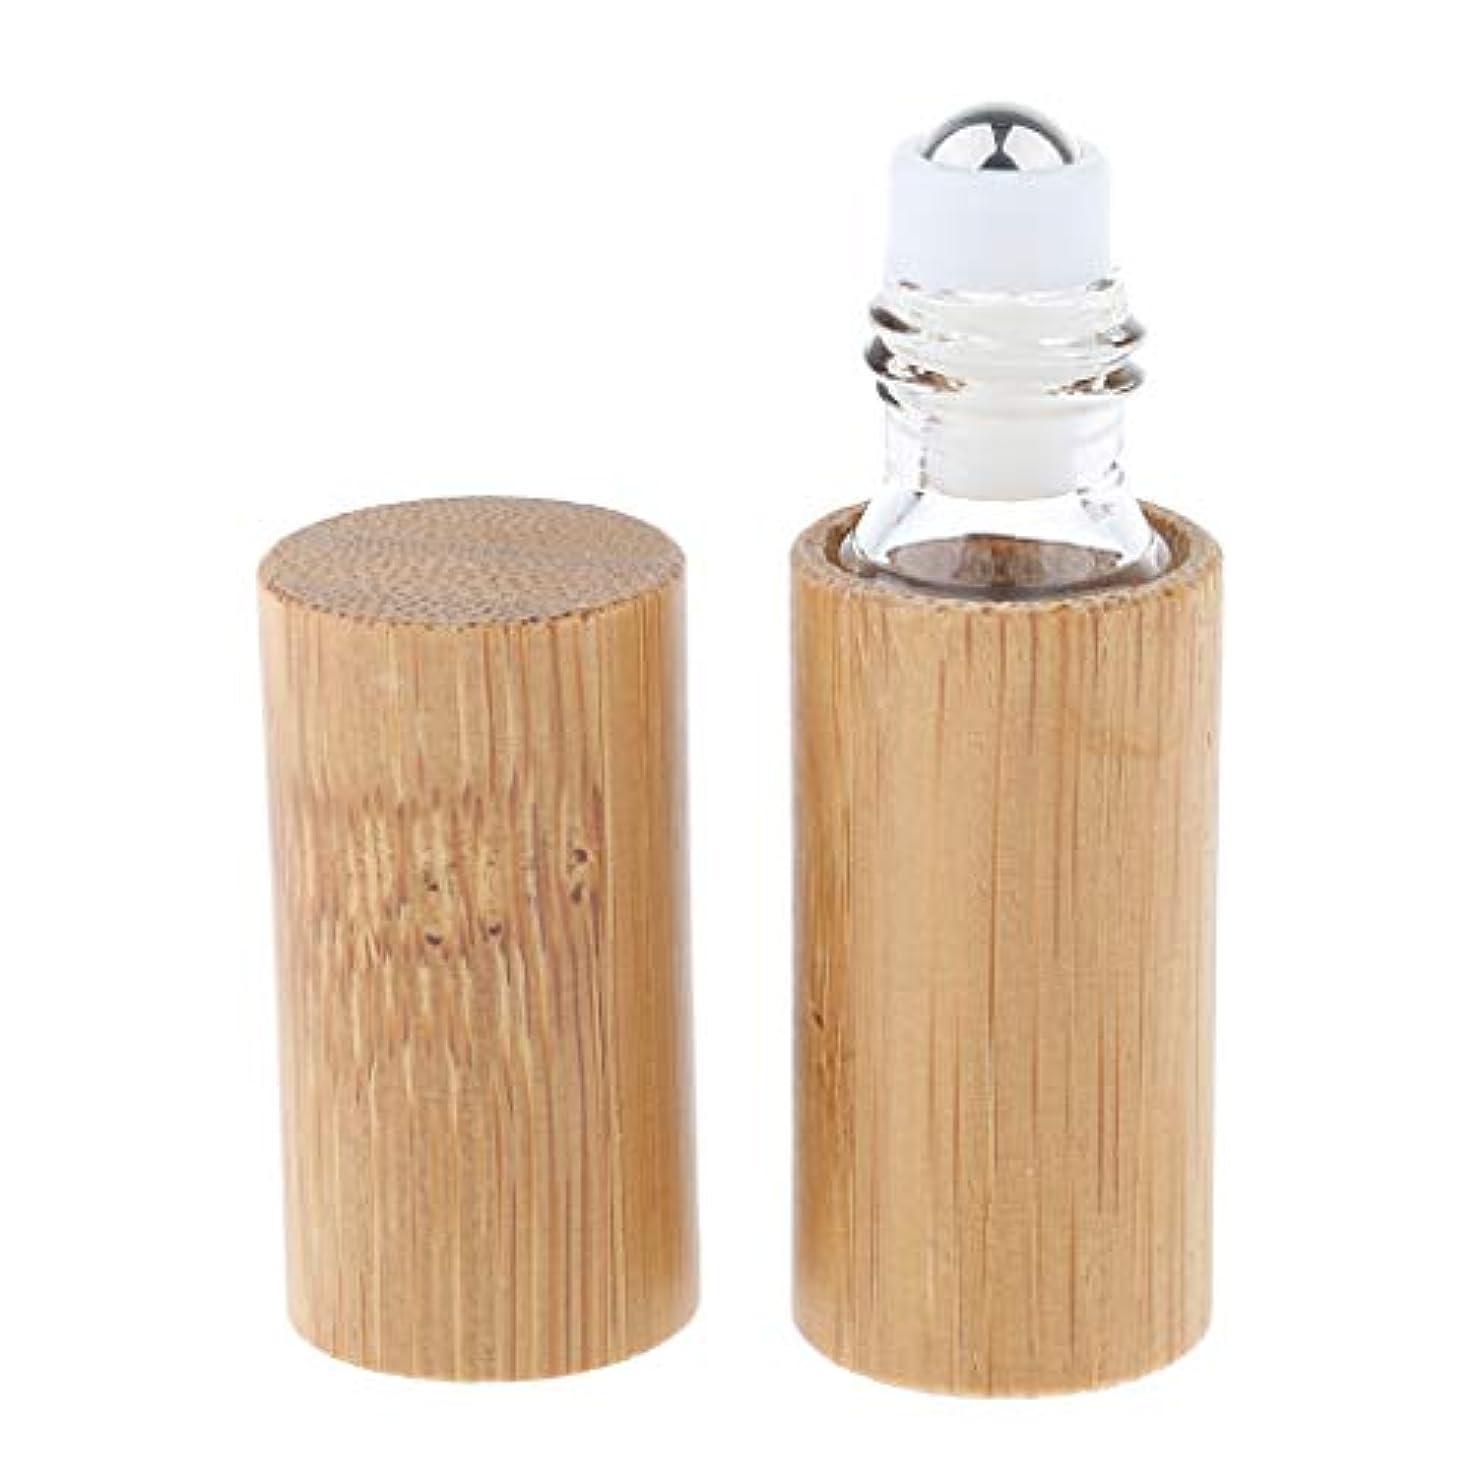 乗ってブラウザ区IPOTCH アロマボトル 保存容器 天然竹 エッセンシャルオイル 香水 保存用 詰め替え ローラーボール 手作り